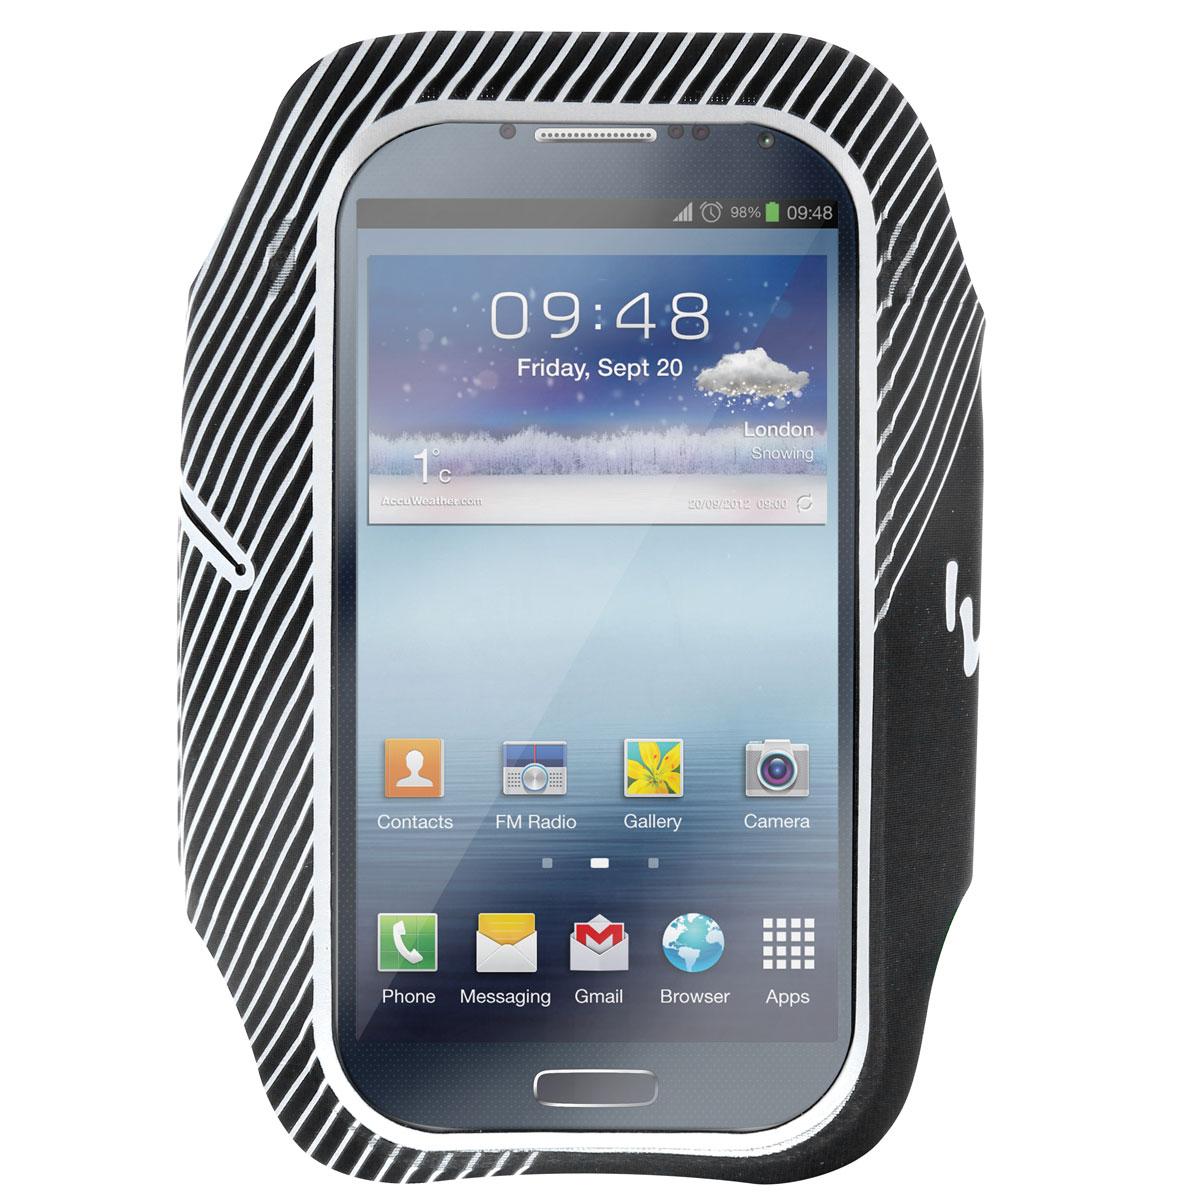 TNB SPARMBK чехол на руку для смартфона